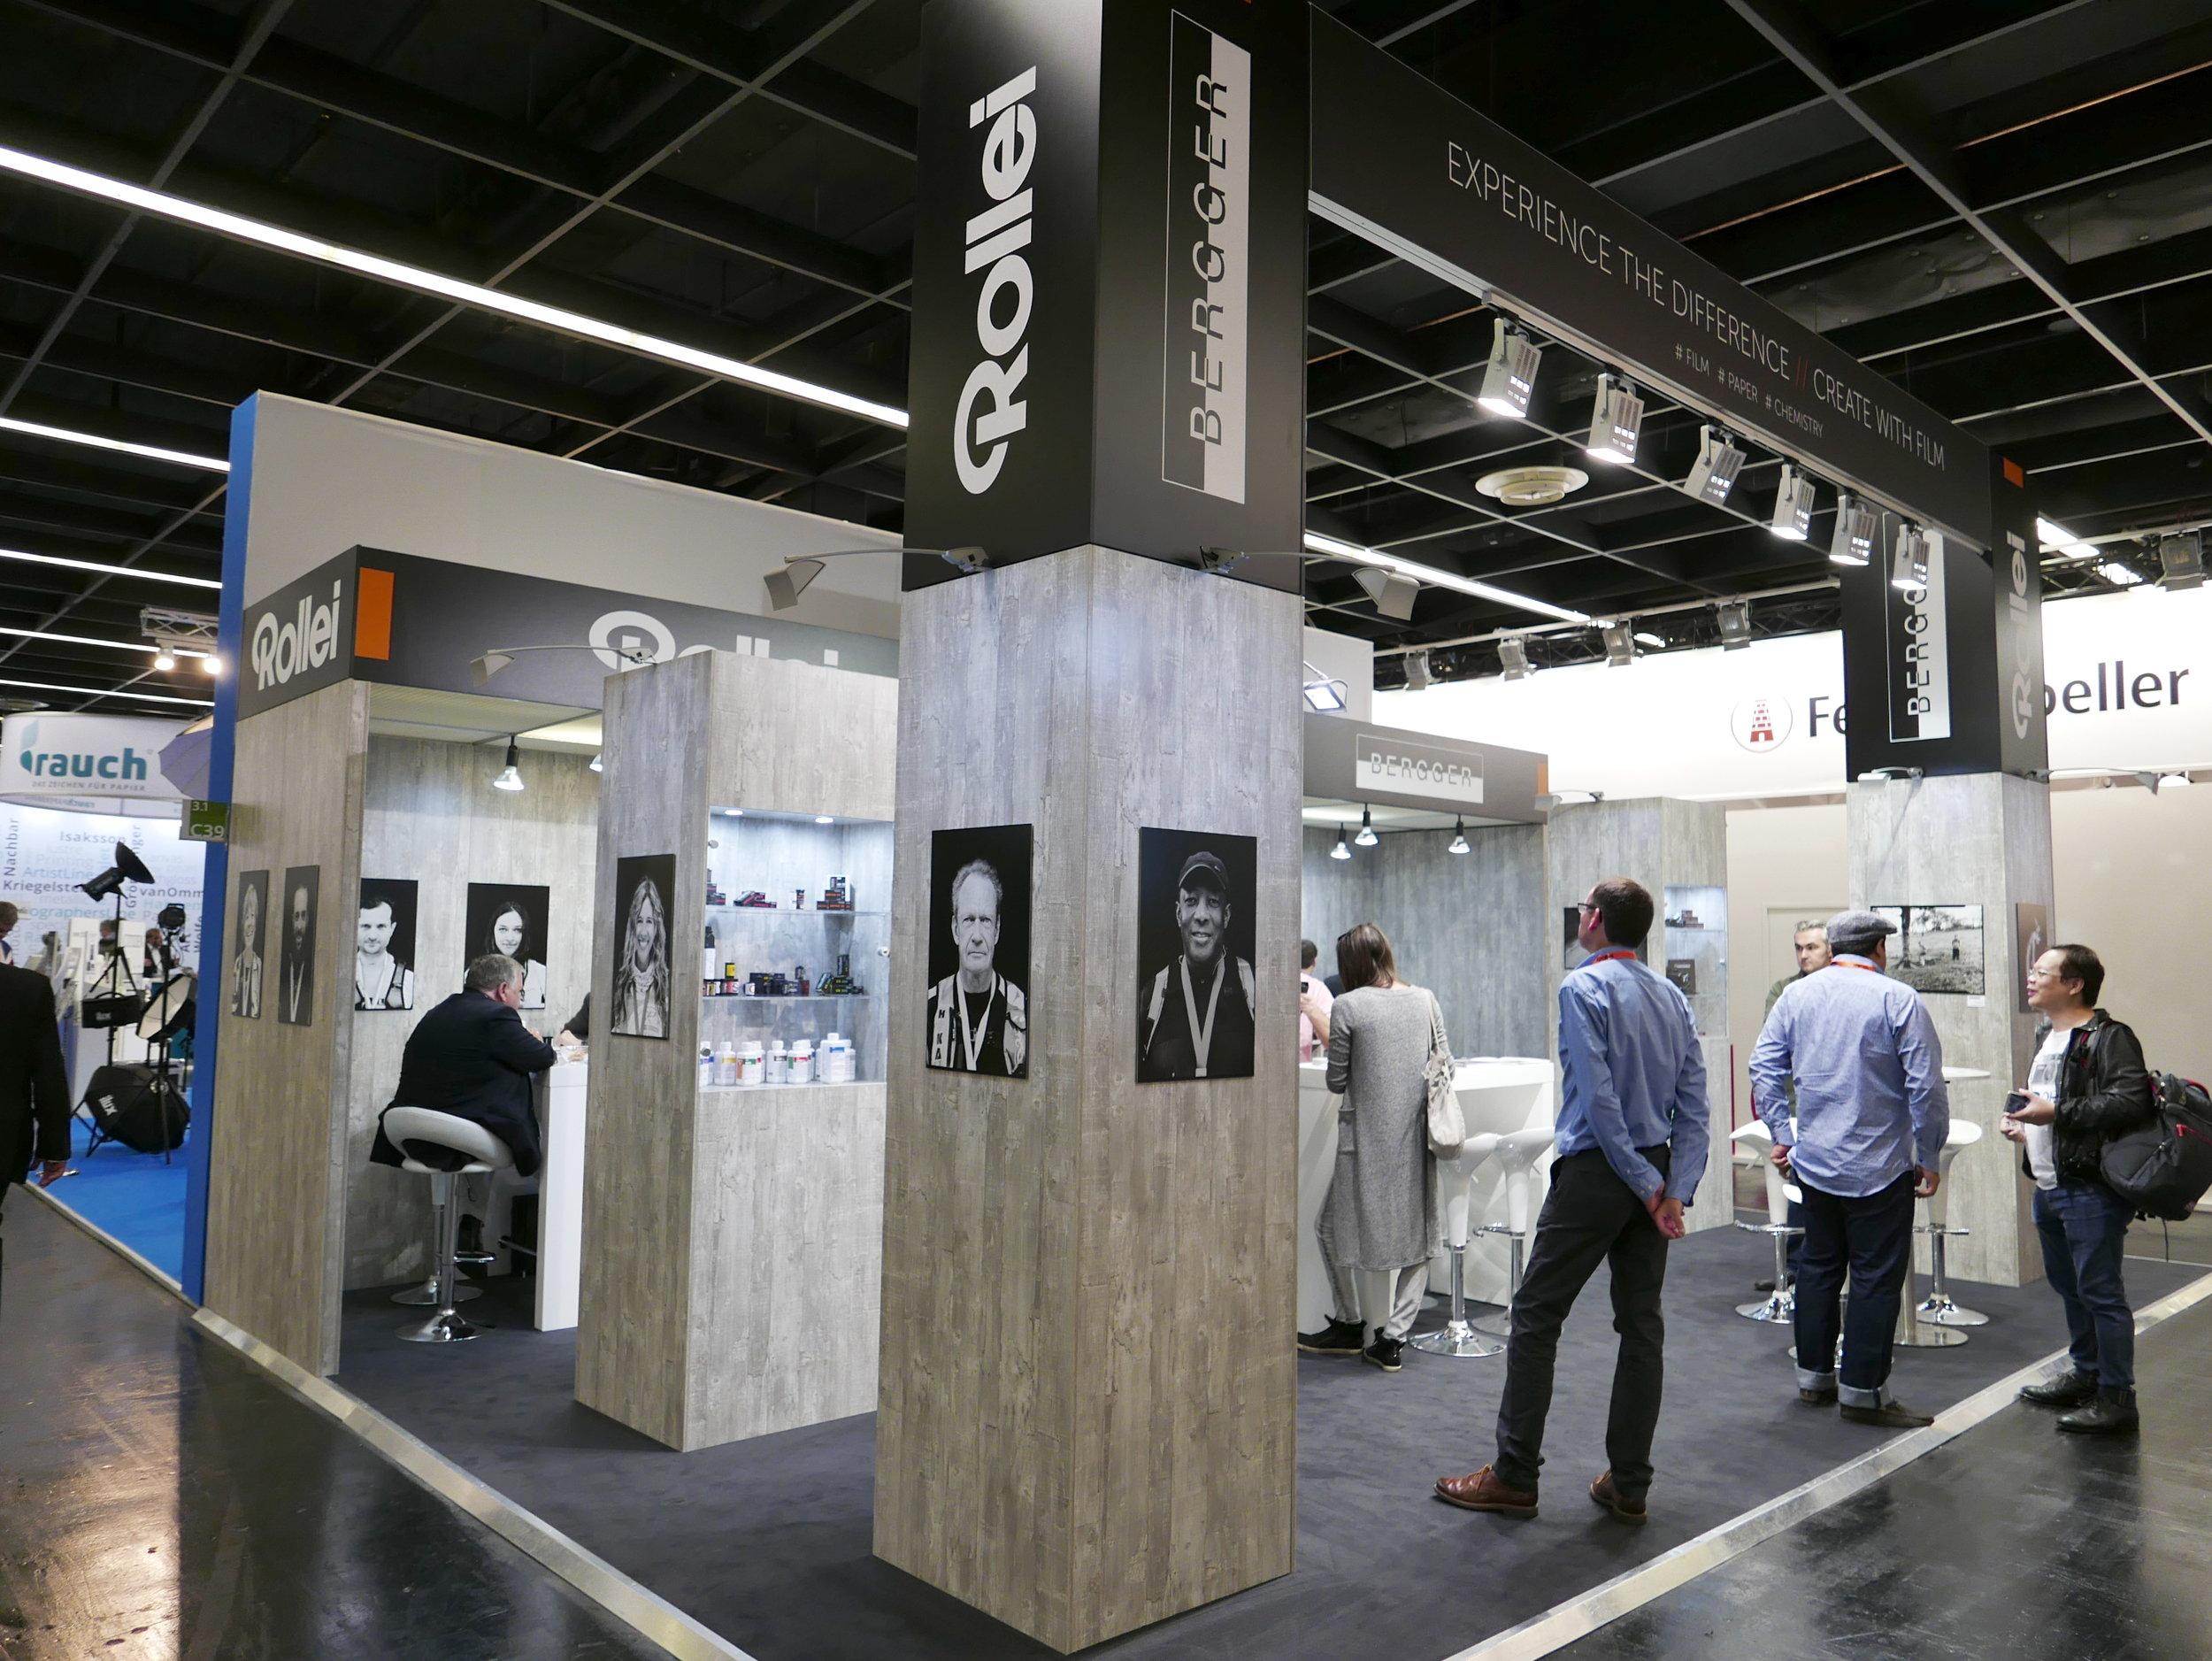 Gemeinsame Ausstellungsfläche von Rollei und Bergger